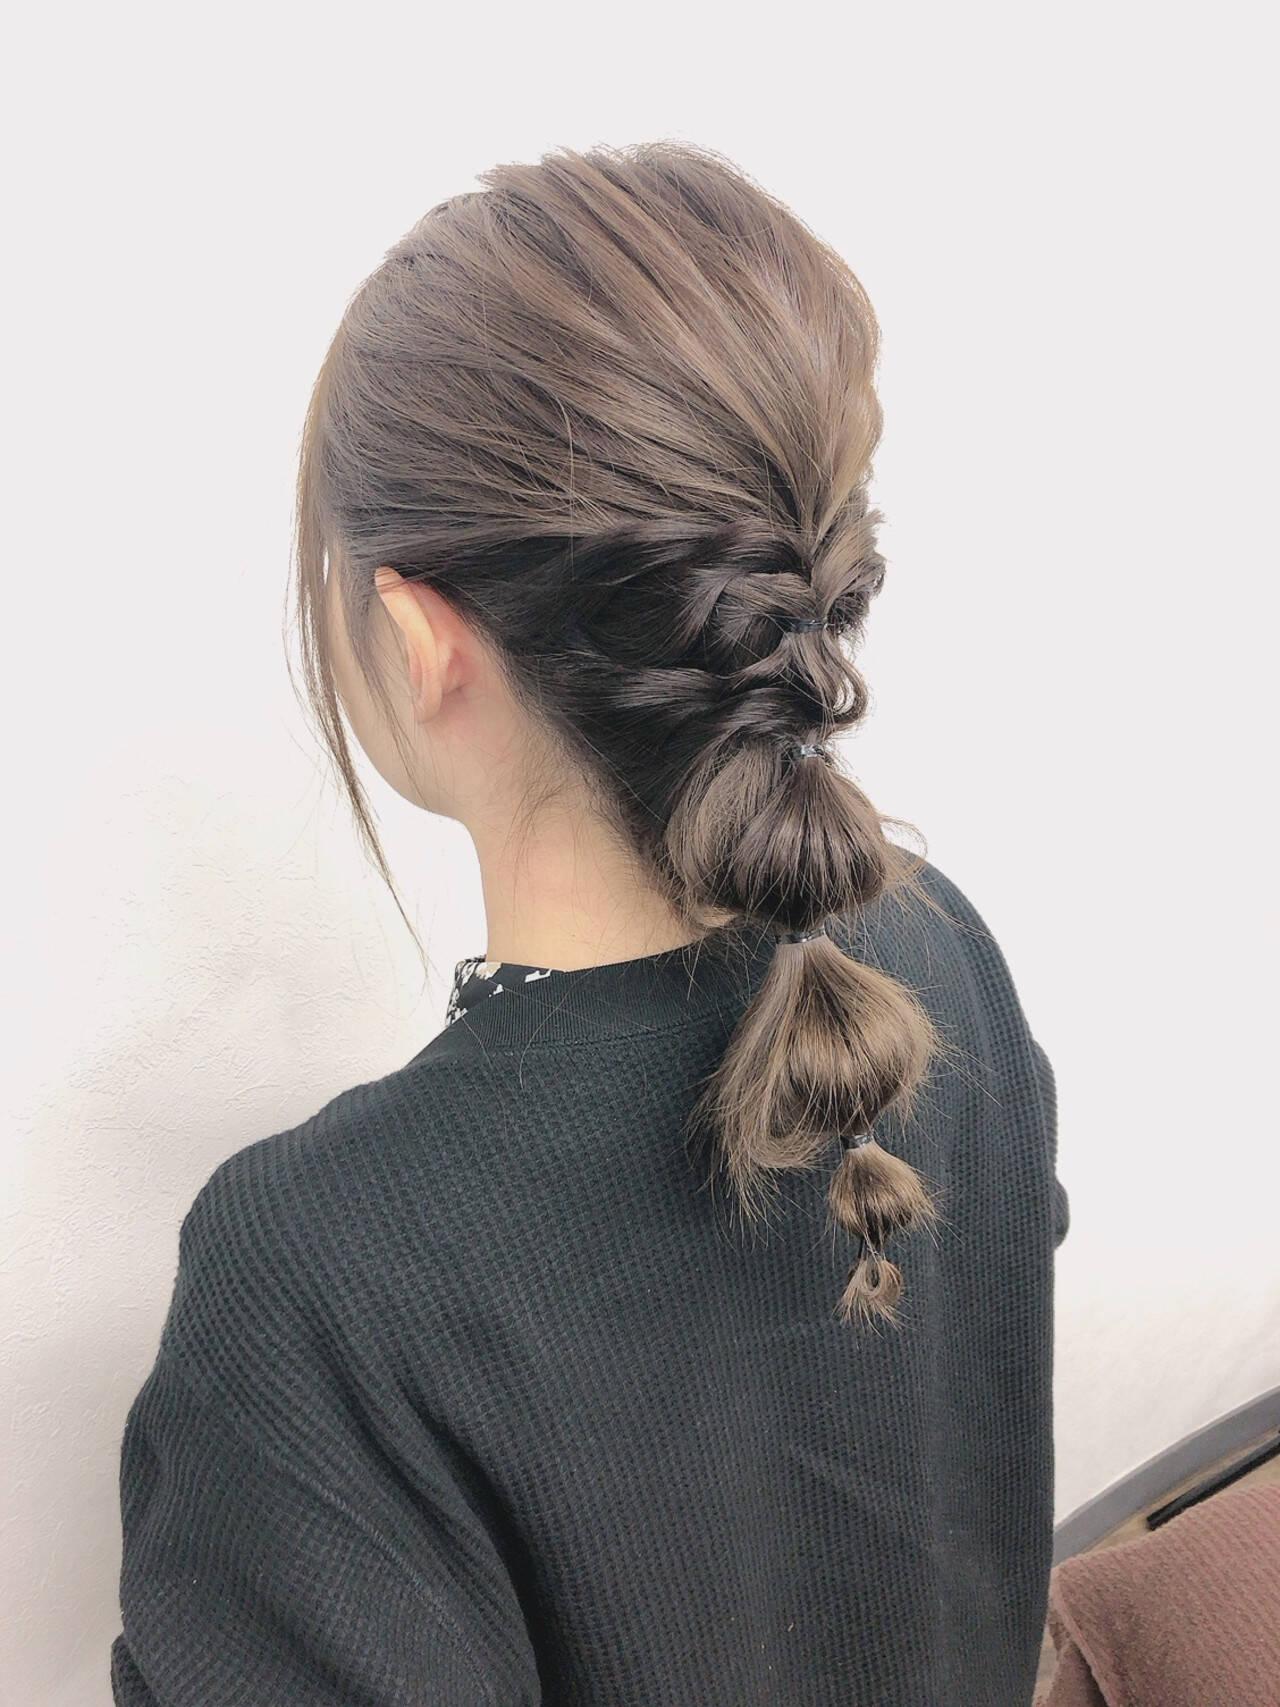 編みおろしヘア 大人可愛い ゆるふわセット ヘアアレンジヘアスタイルや髪型の写真・画像